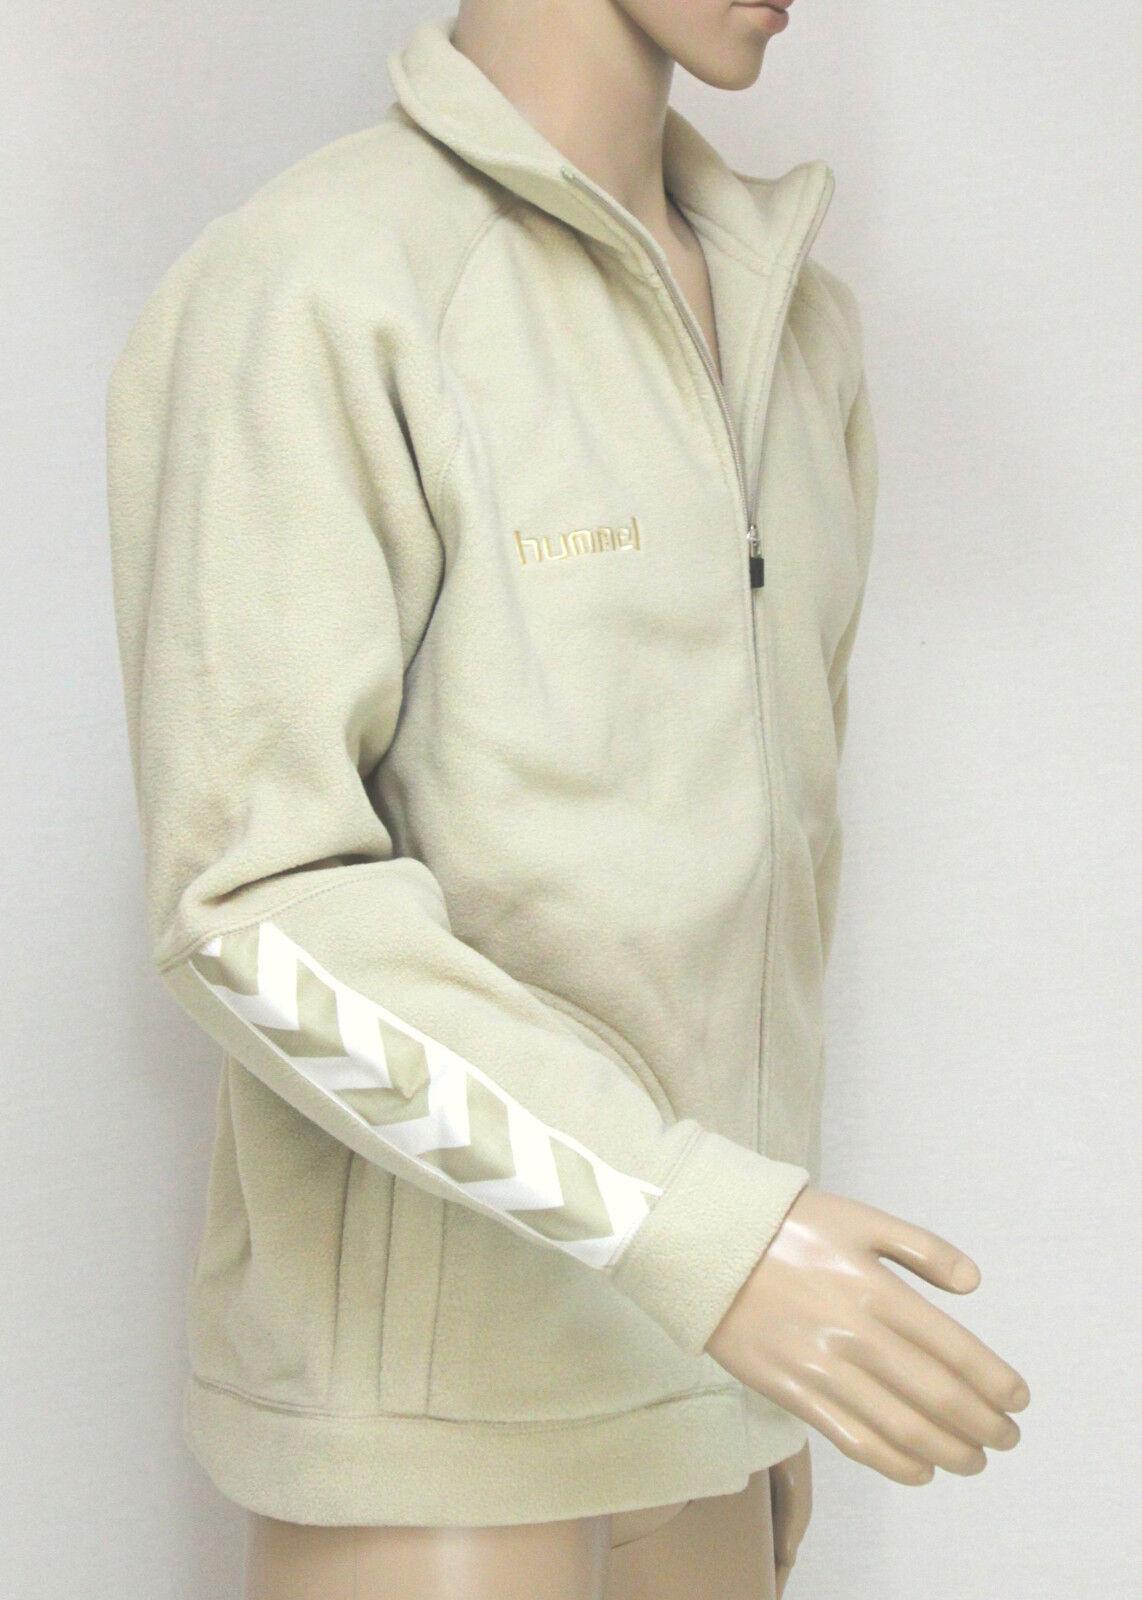 Hummel authentic polar fleece chaqueta 30-012 - muy  cálidos y agradables  el estilo clásico